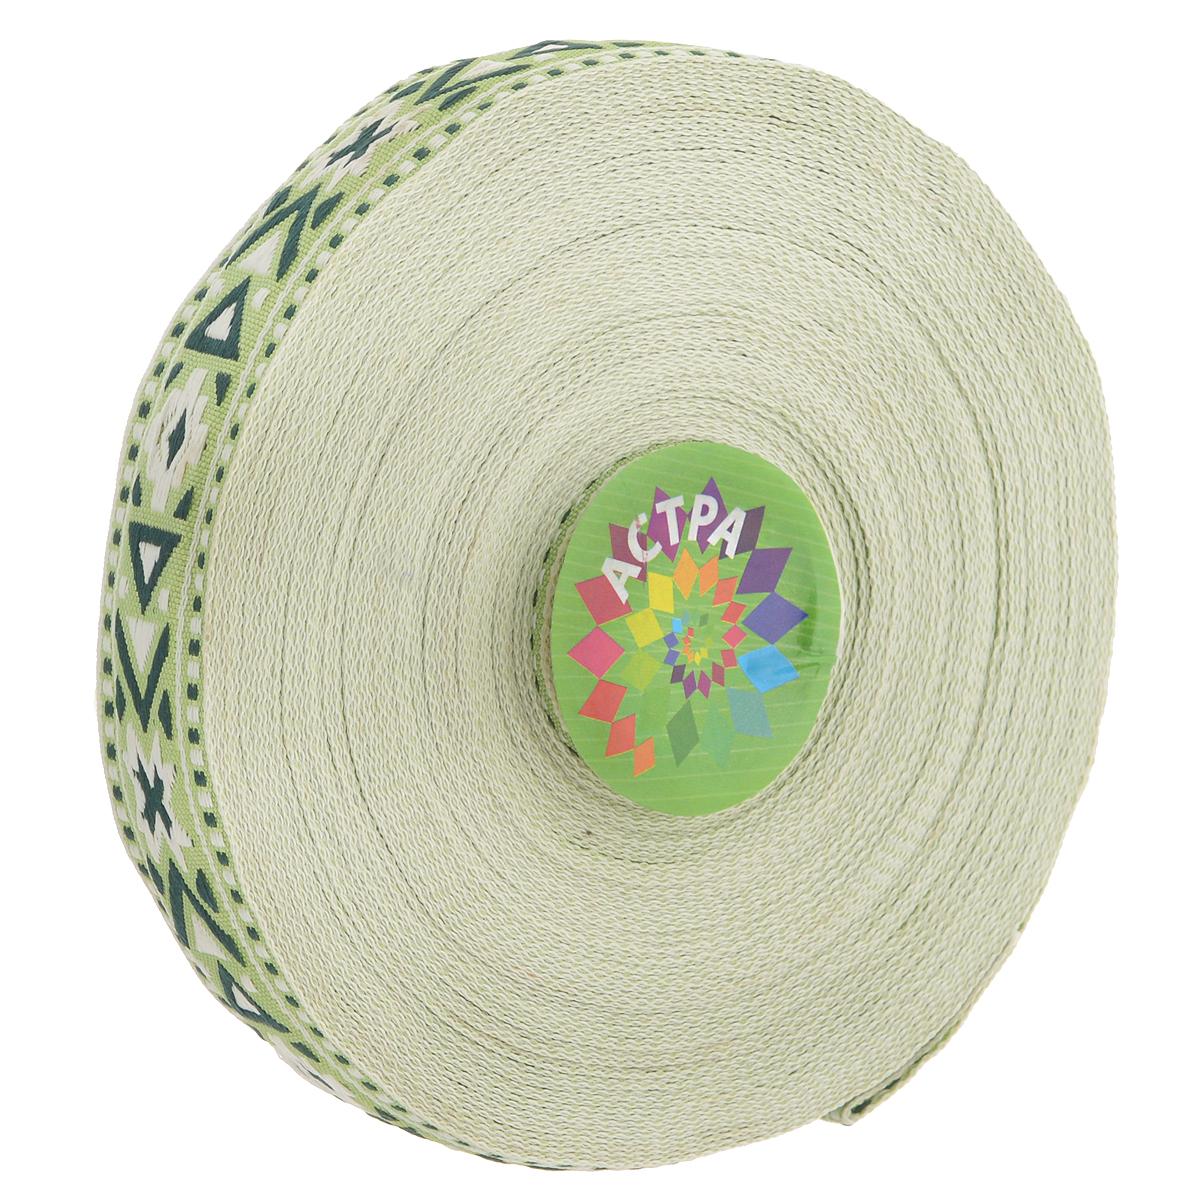 Тесьма декоративная Астра, цвет: зеленый (2), ширина 2 см, длина 16,4 м. 77032697703348_84/79LДекоративная тесьма Астра выполнена из текстиля и оформлена оригинальным орнаментом. Такая тесьма идеально подойдет для оформления различных творческих работ таких, как скрапбукинг, аппликация, декор коробок и открыток и многое другое. Тесьма наивысшего качества и практична в использовании. Она станет незаменимом элементов в создании рукотворного шедевра. Ширина: 2 см.Длина: 16,4 м.